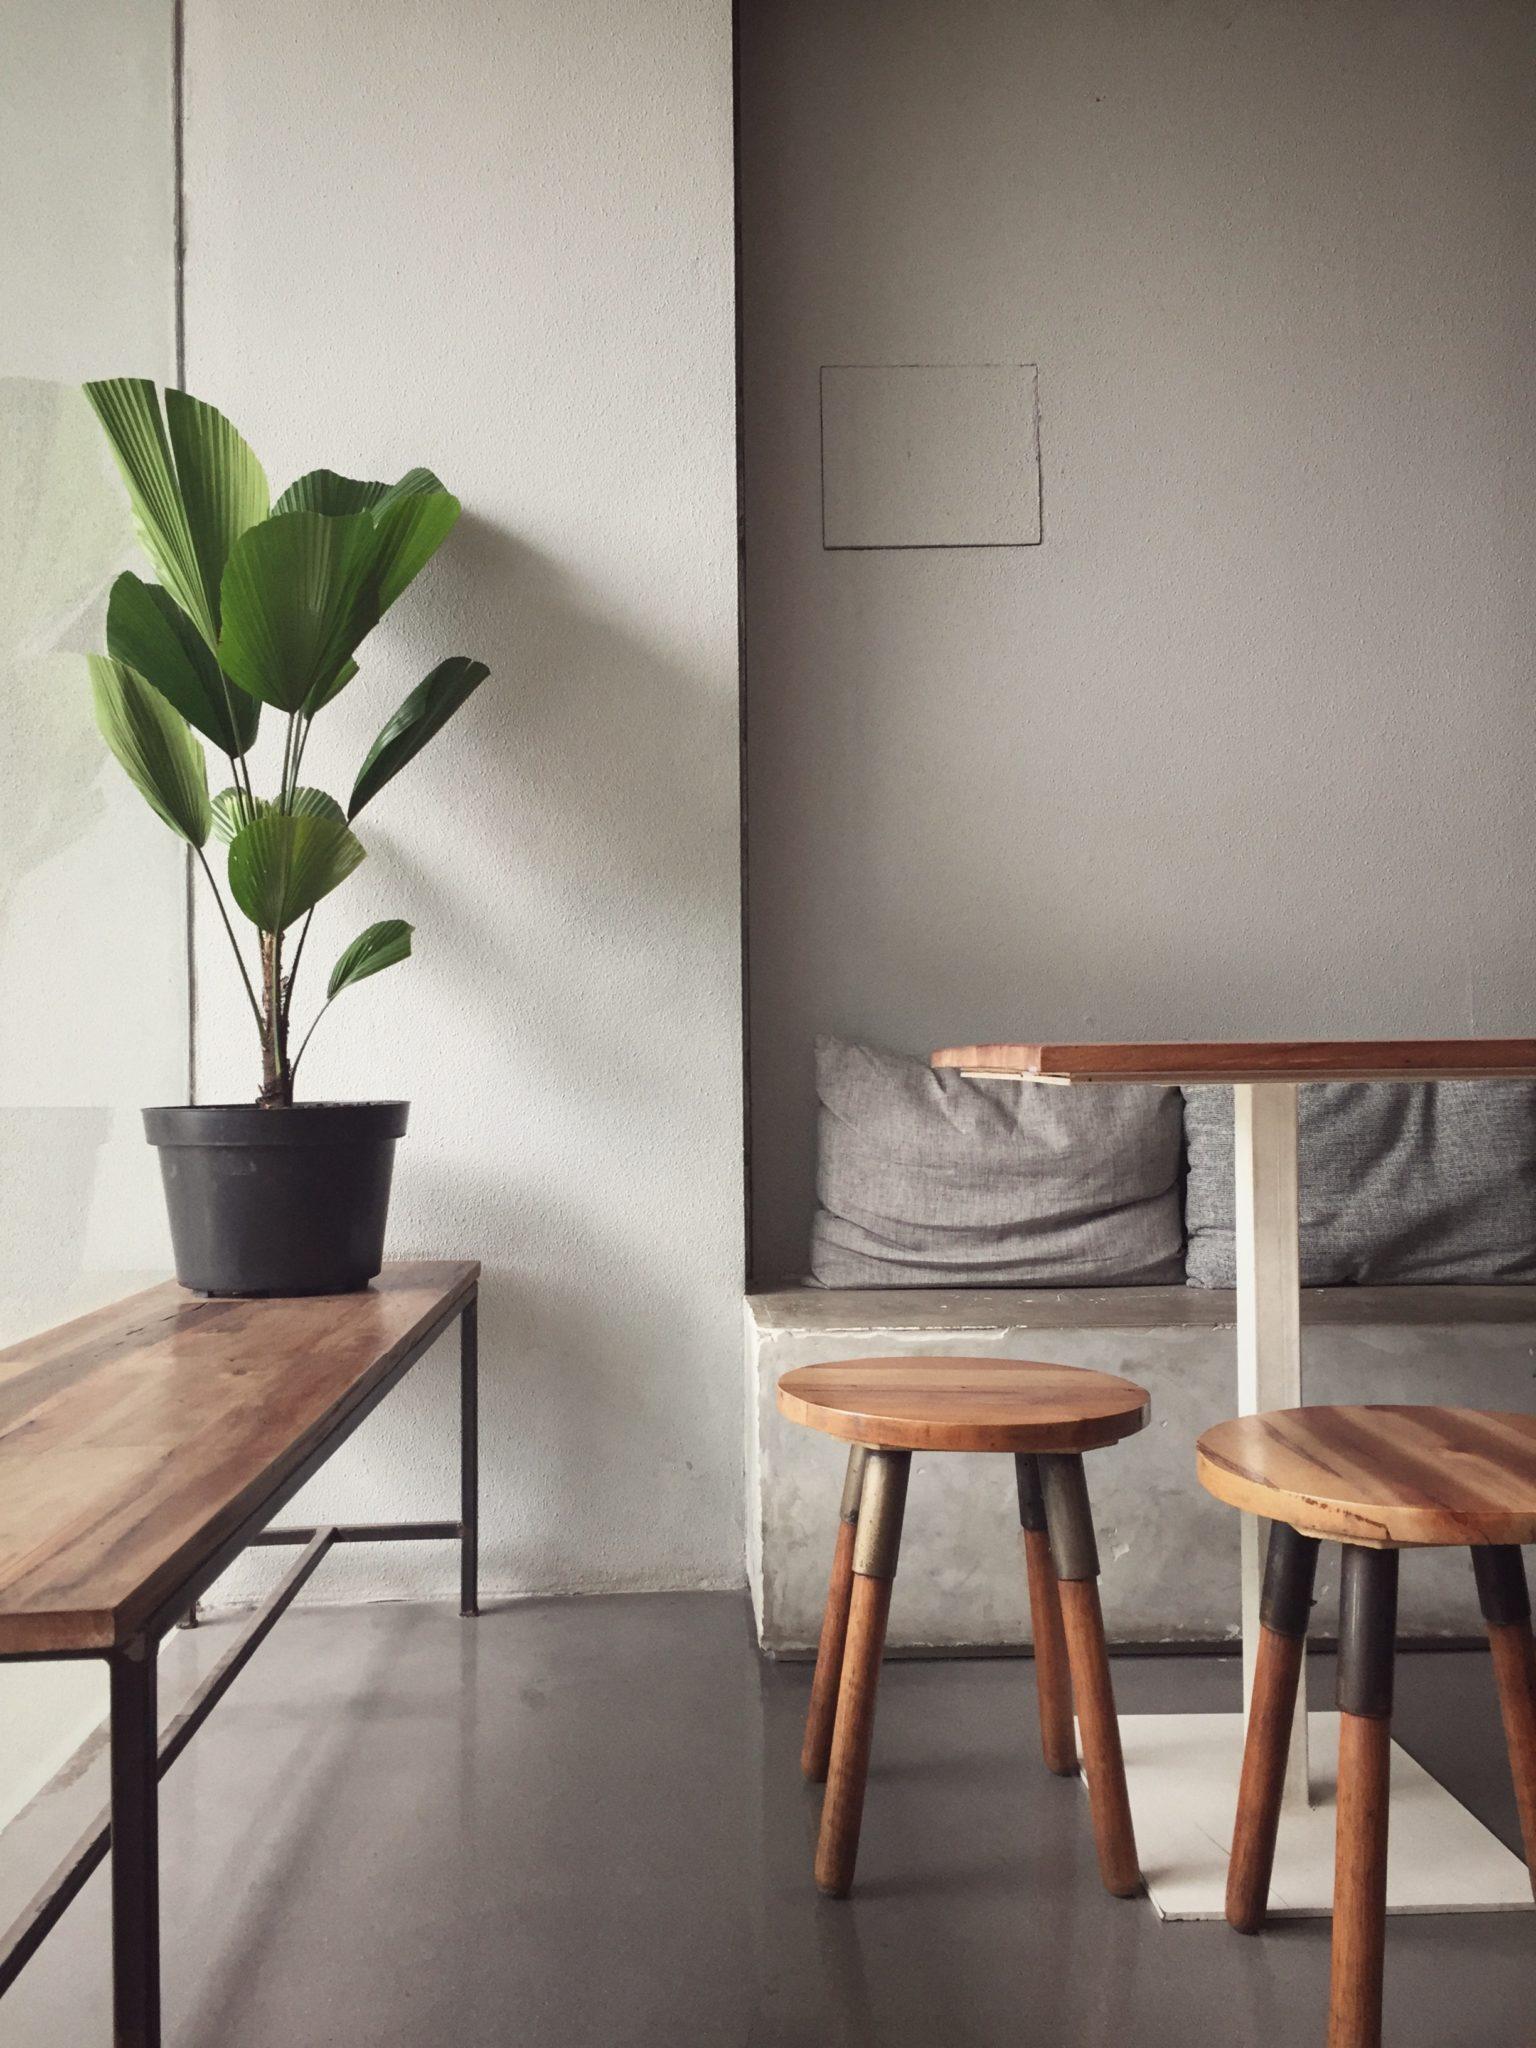 Comment Faire Une Table En Béton Ciré le béton ciré est-il toujours tendance ? - déco travaux